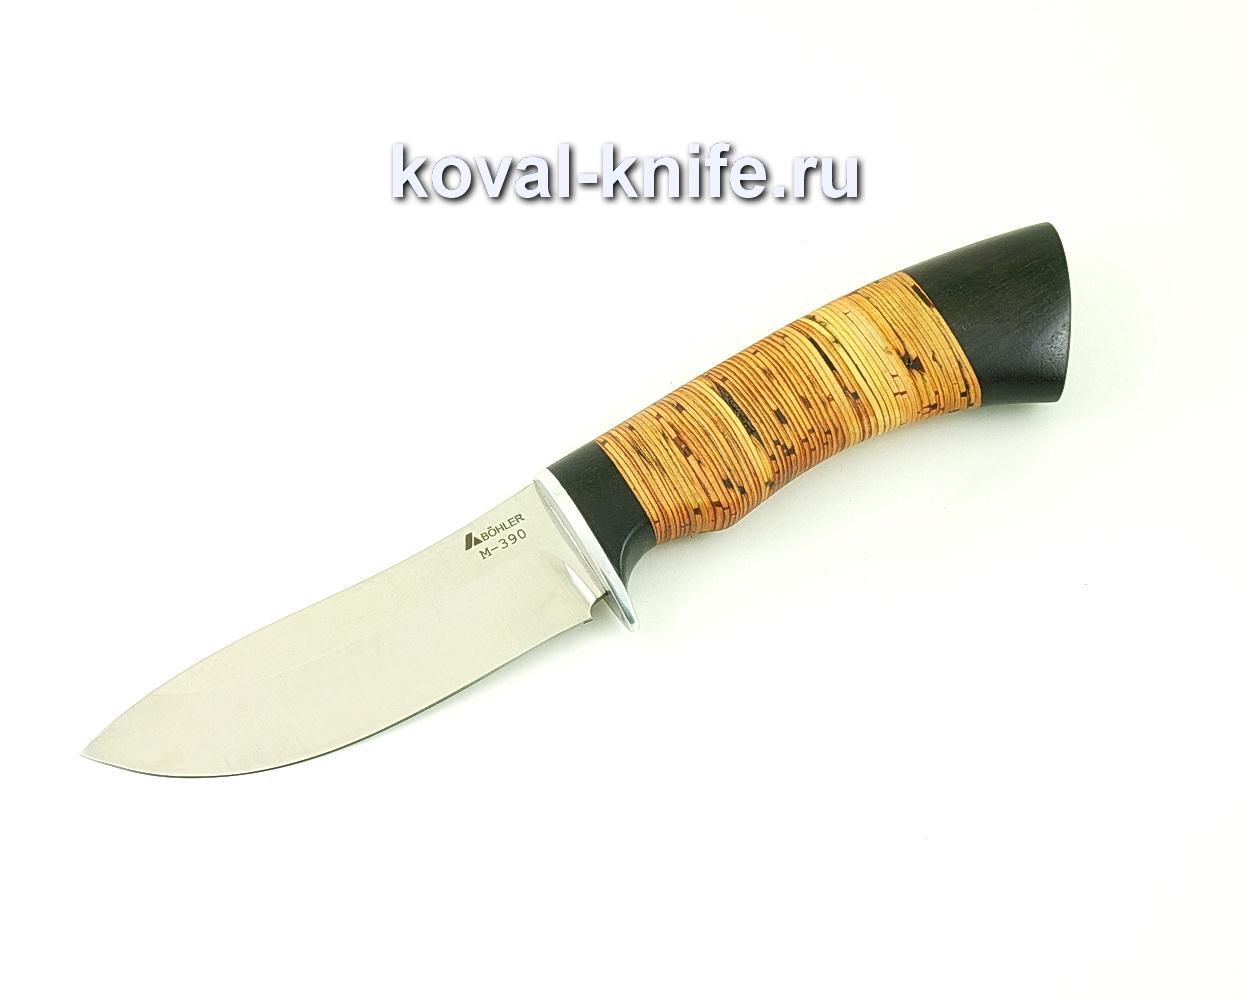 Нож из порошковой стали М390 Кабан (рукоять береста и граб) A509